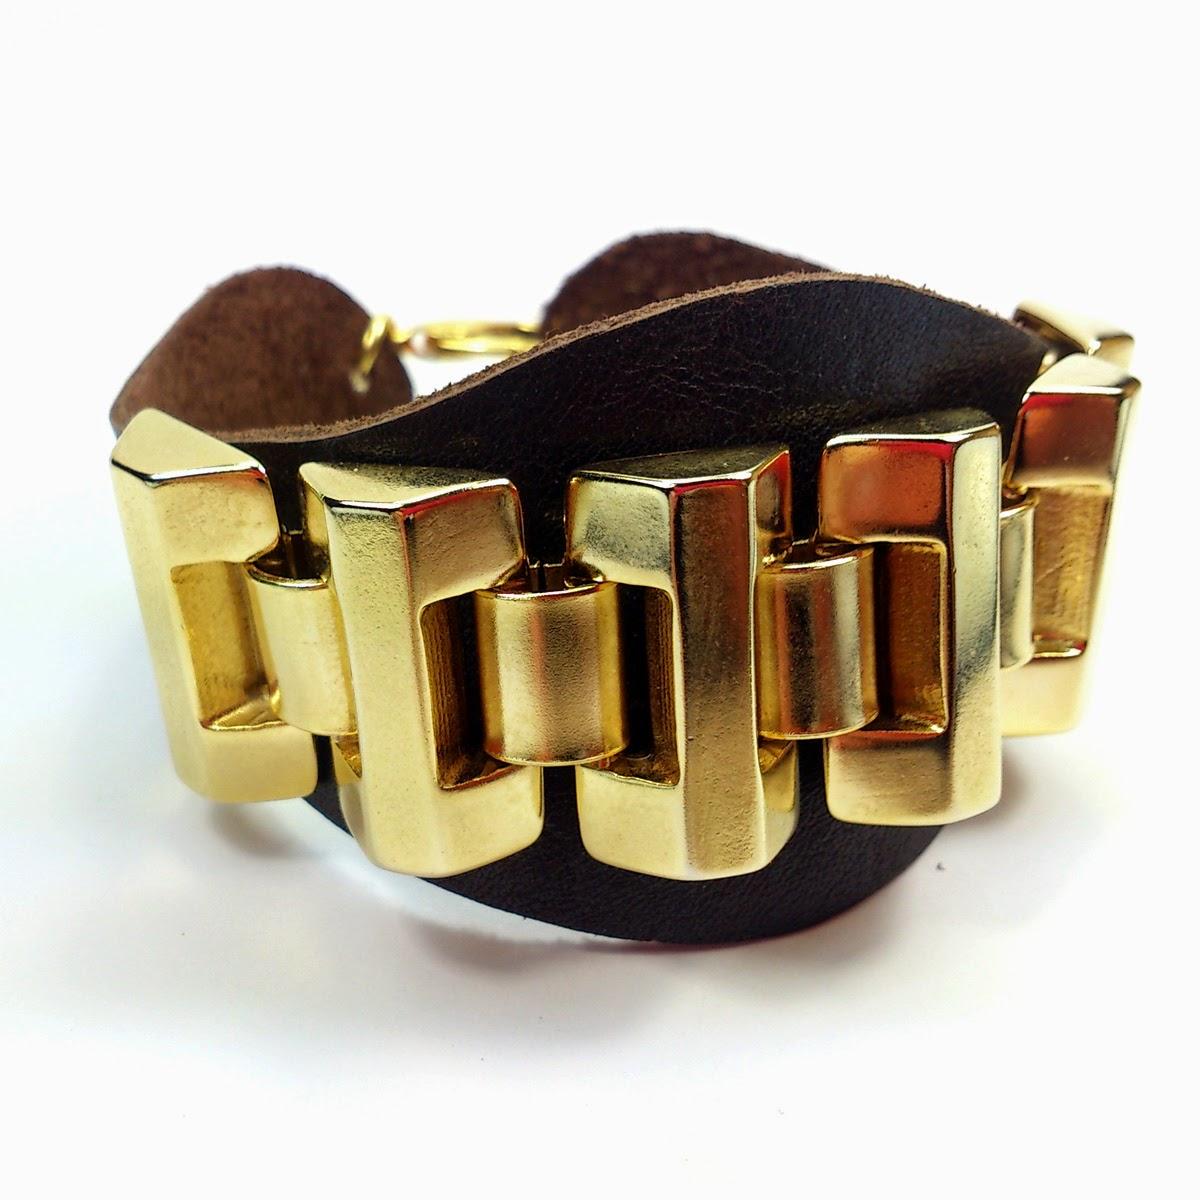 http://tienda.monicadas.es/brazaletes-exclusivos